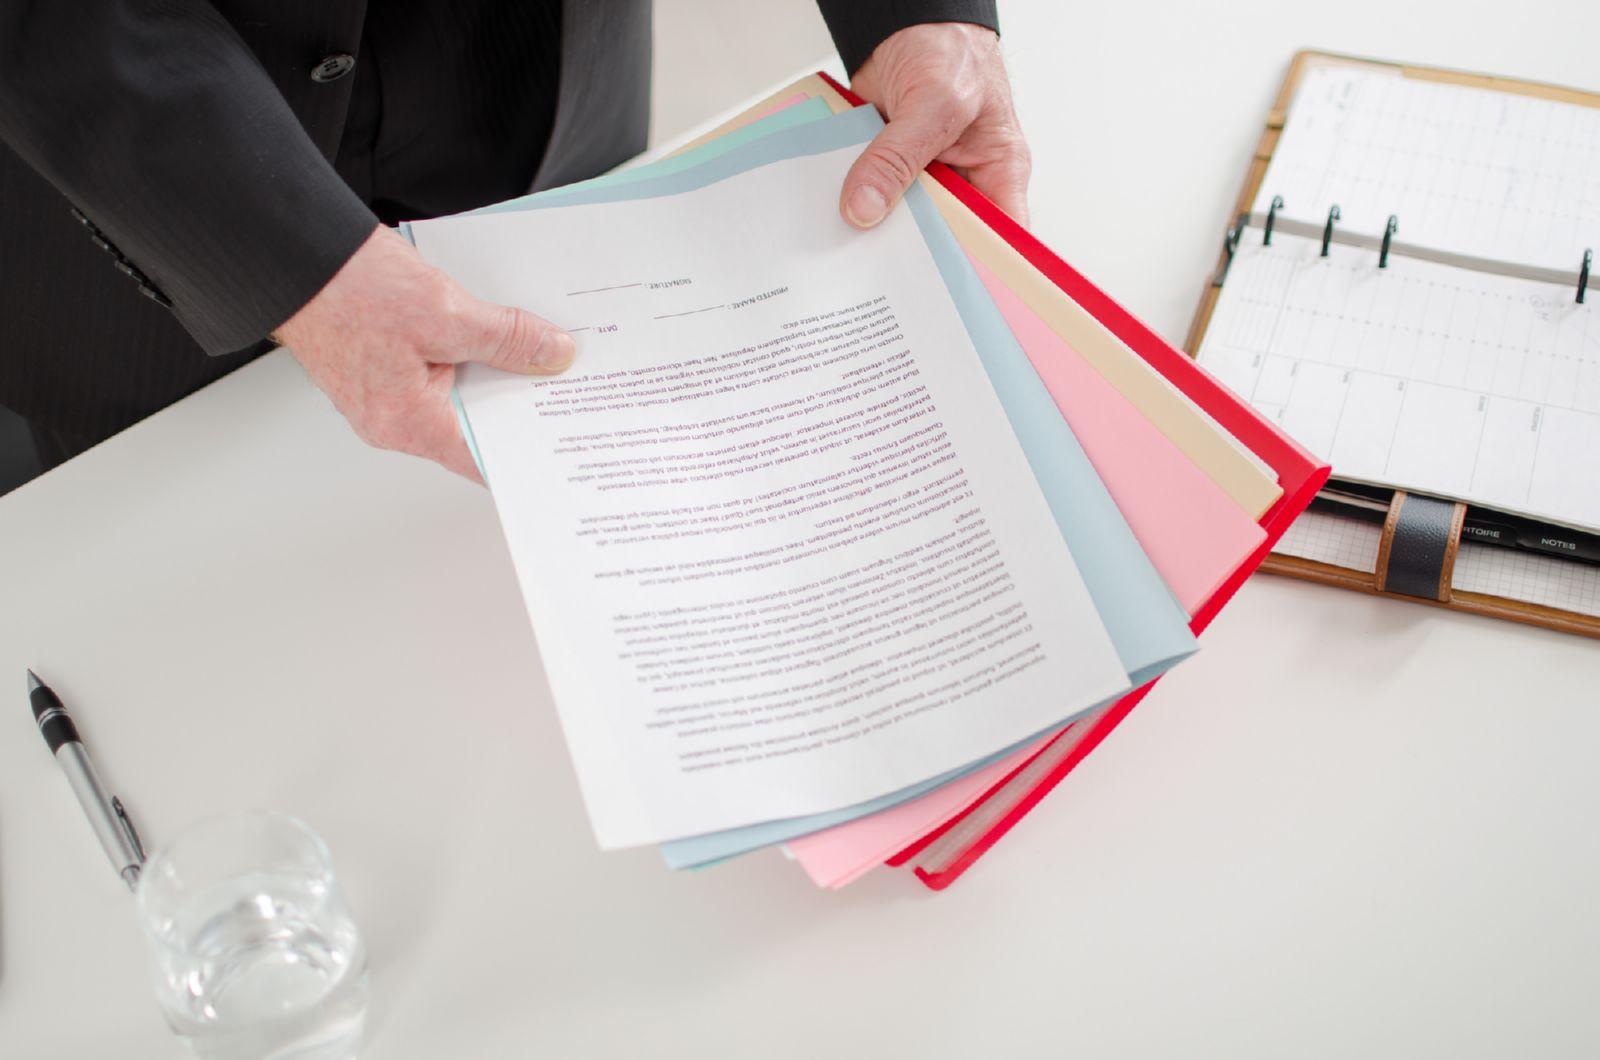 Как и куда жаловаться на нотариуса – порядок подачи жалобы на нотариуса в нотариальную палату, минюст, суд